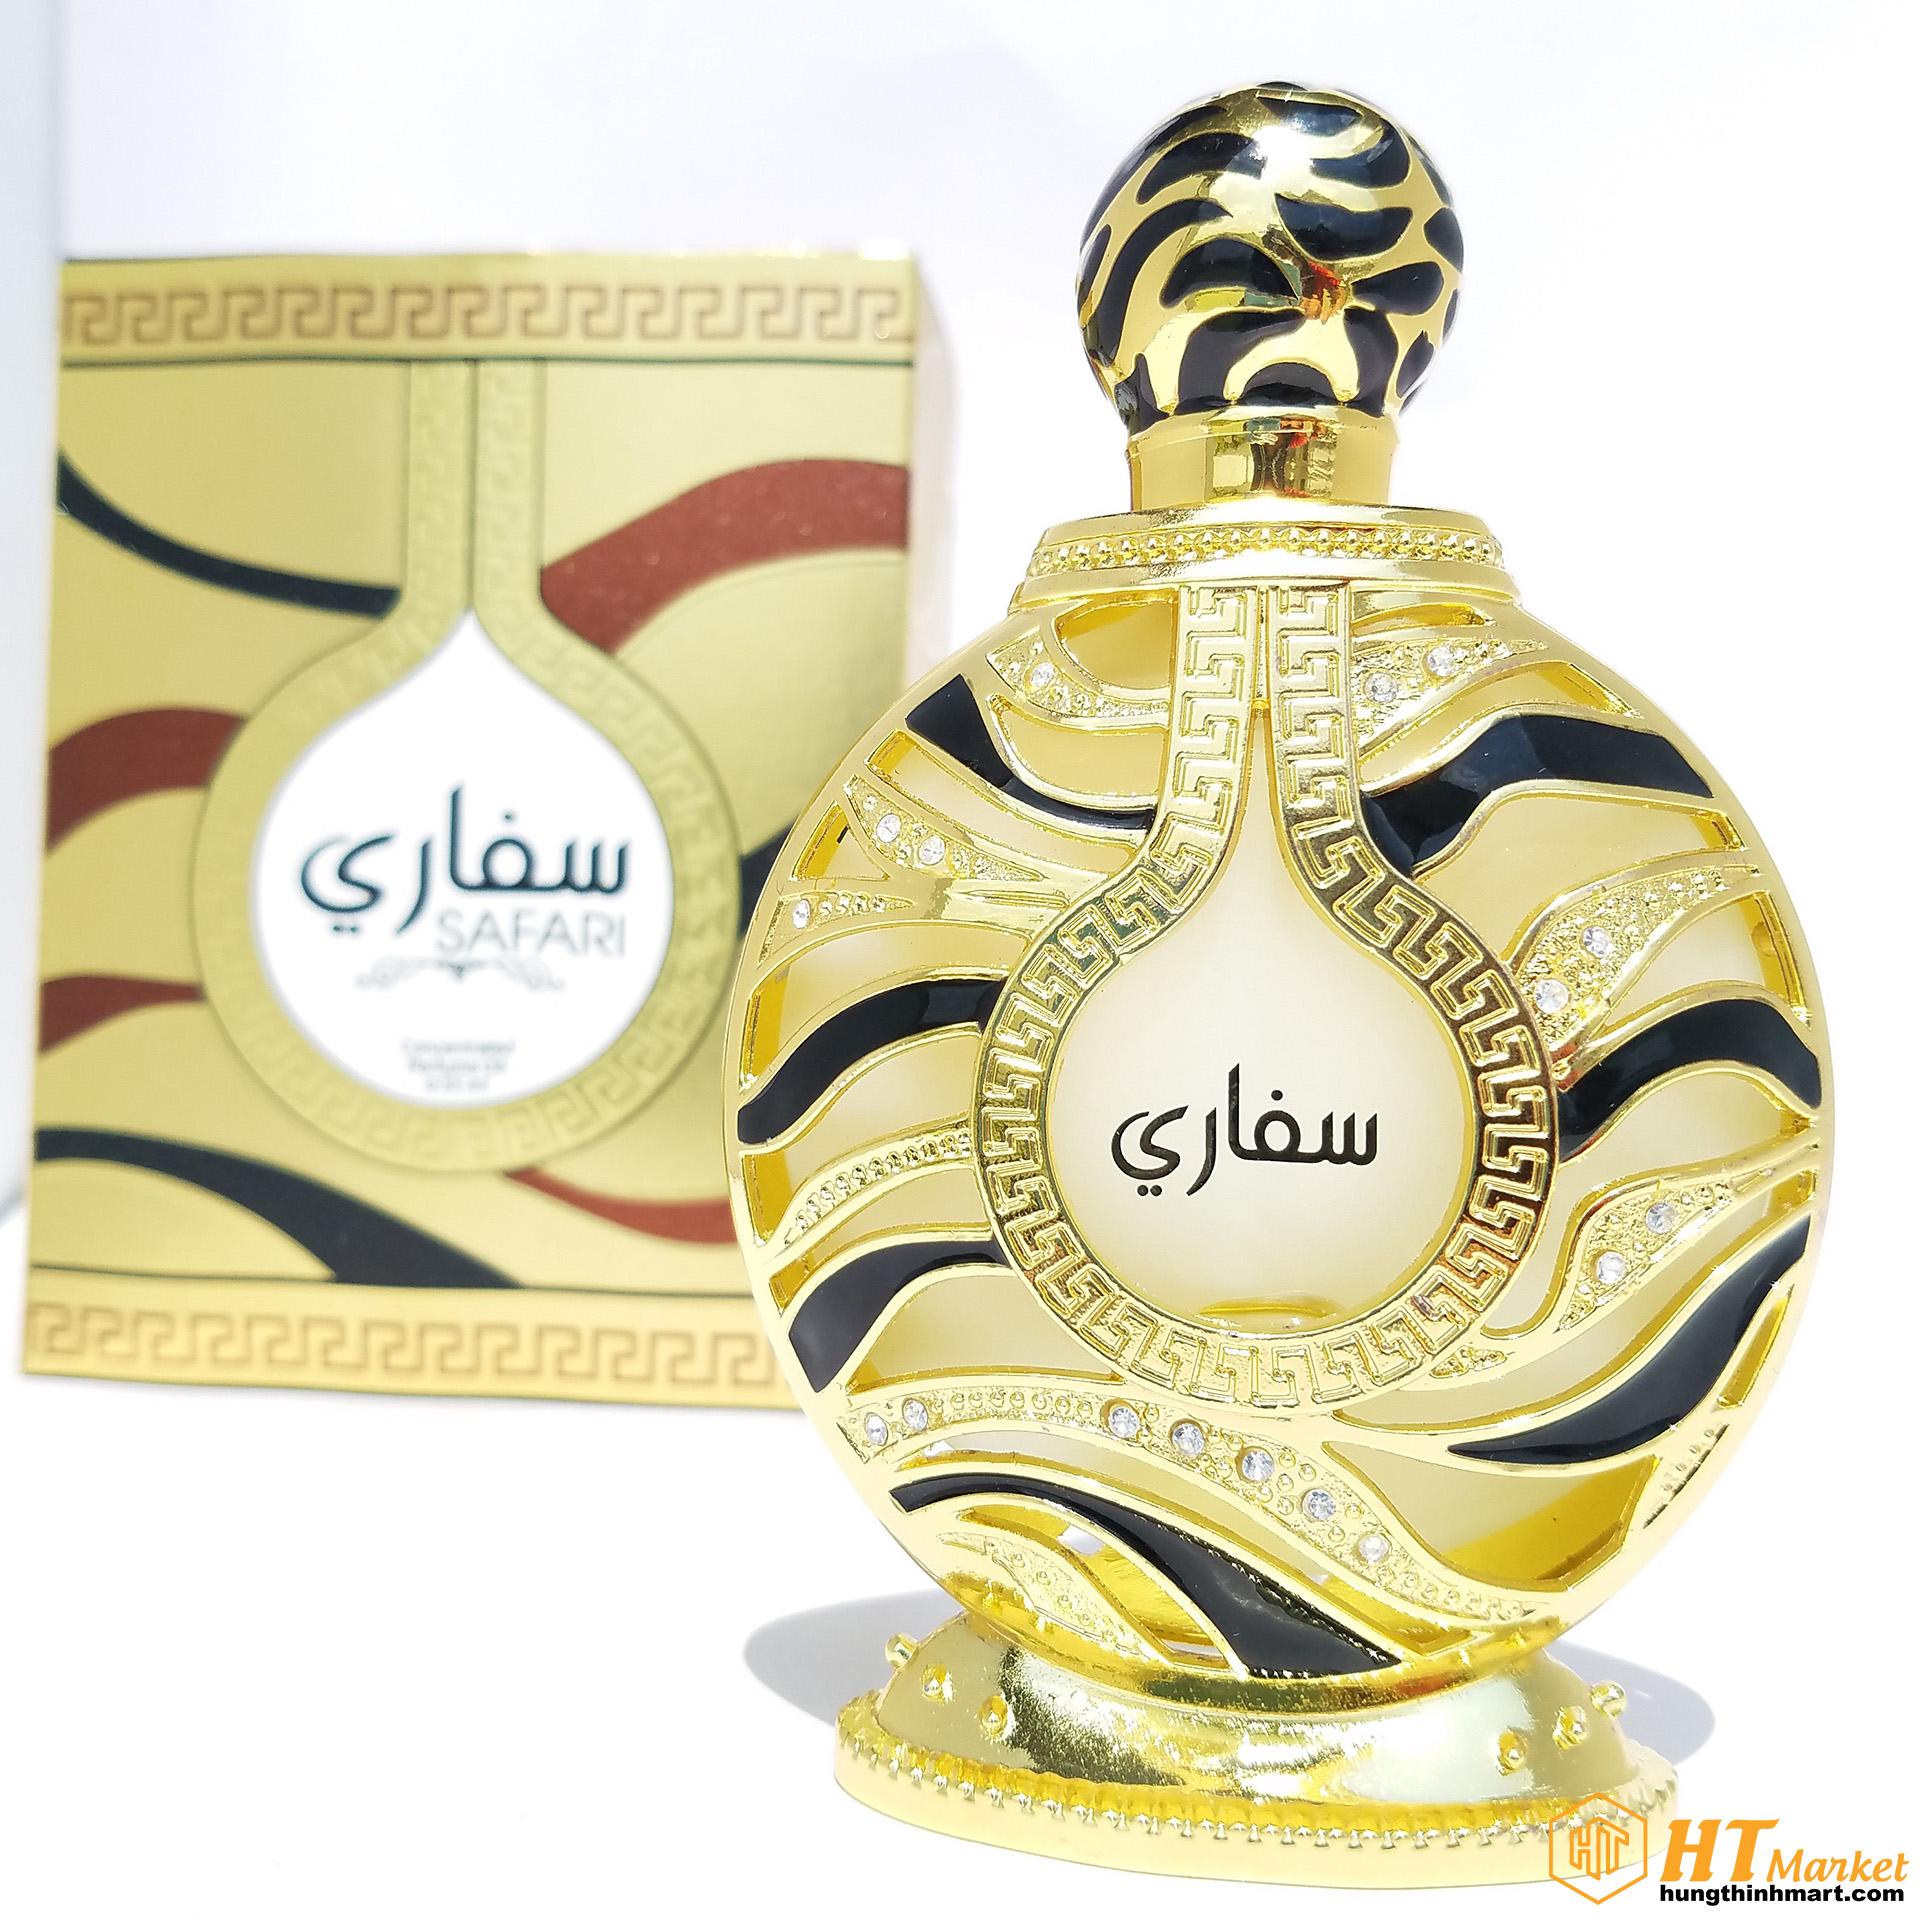 Tinh dầu nước hoa DuBai chính hãng Safari 35ml The Perfume House